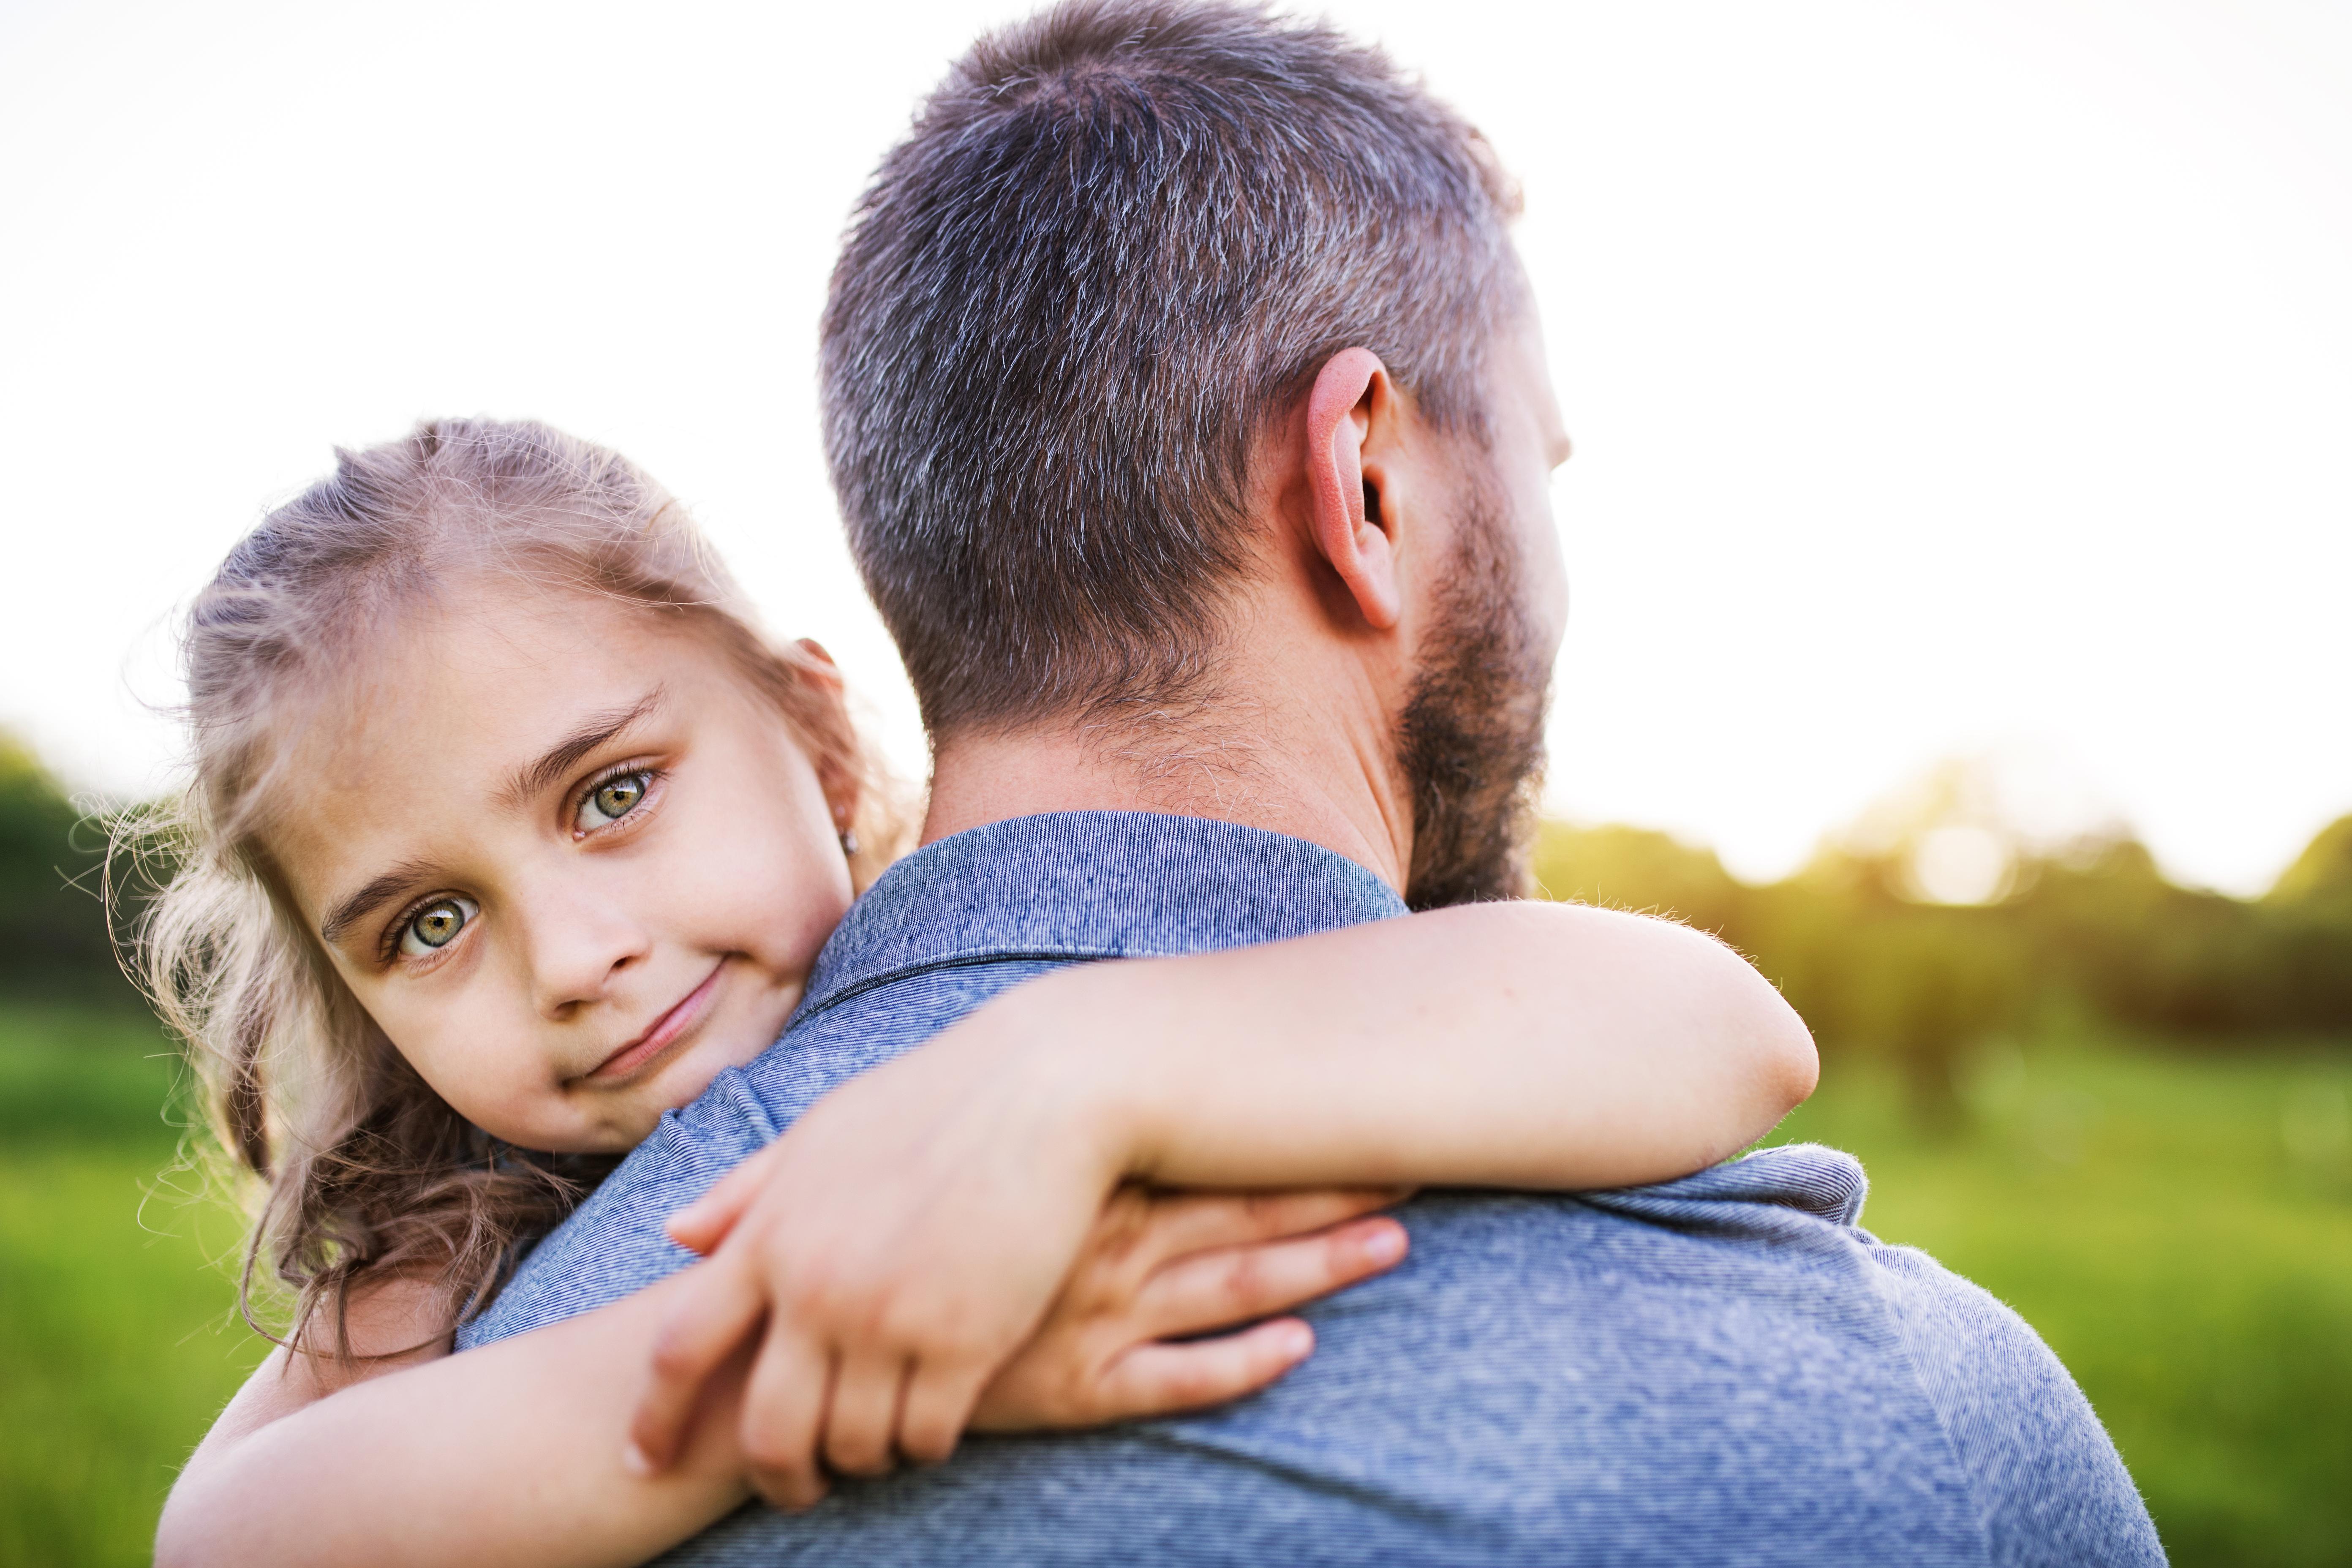 los-mejores-regalos-para-papa-este-dia-del-padre-accesorios-de-diseño-en-moblum_abrazo